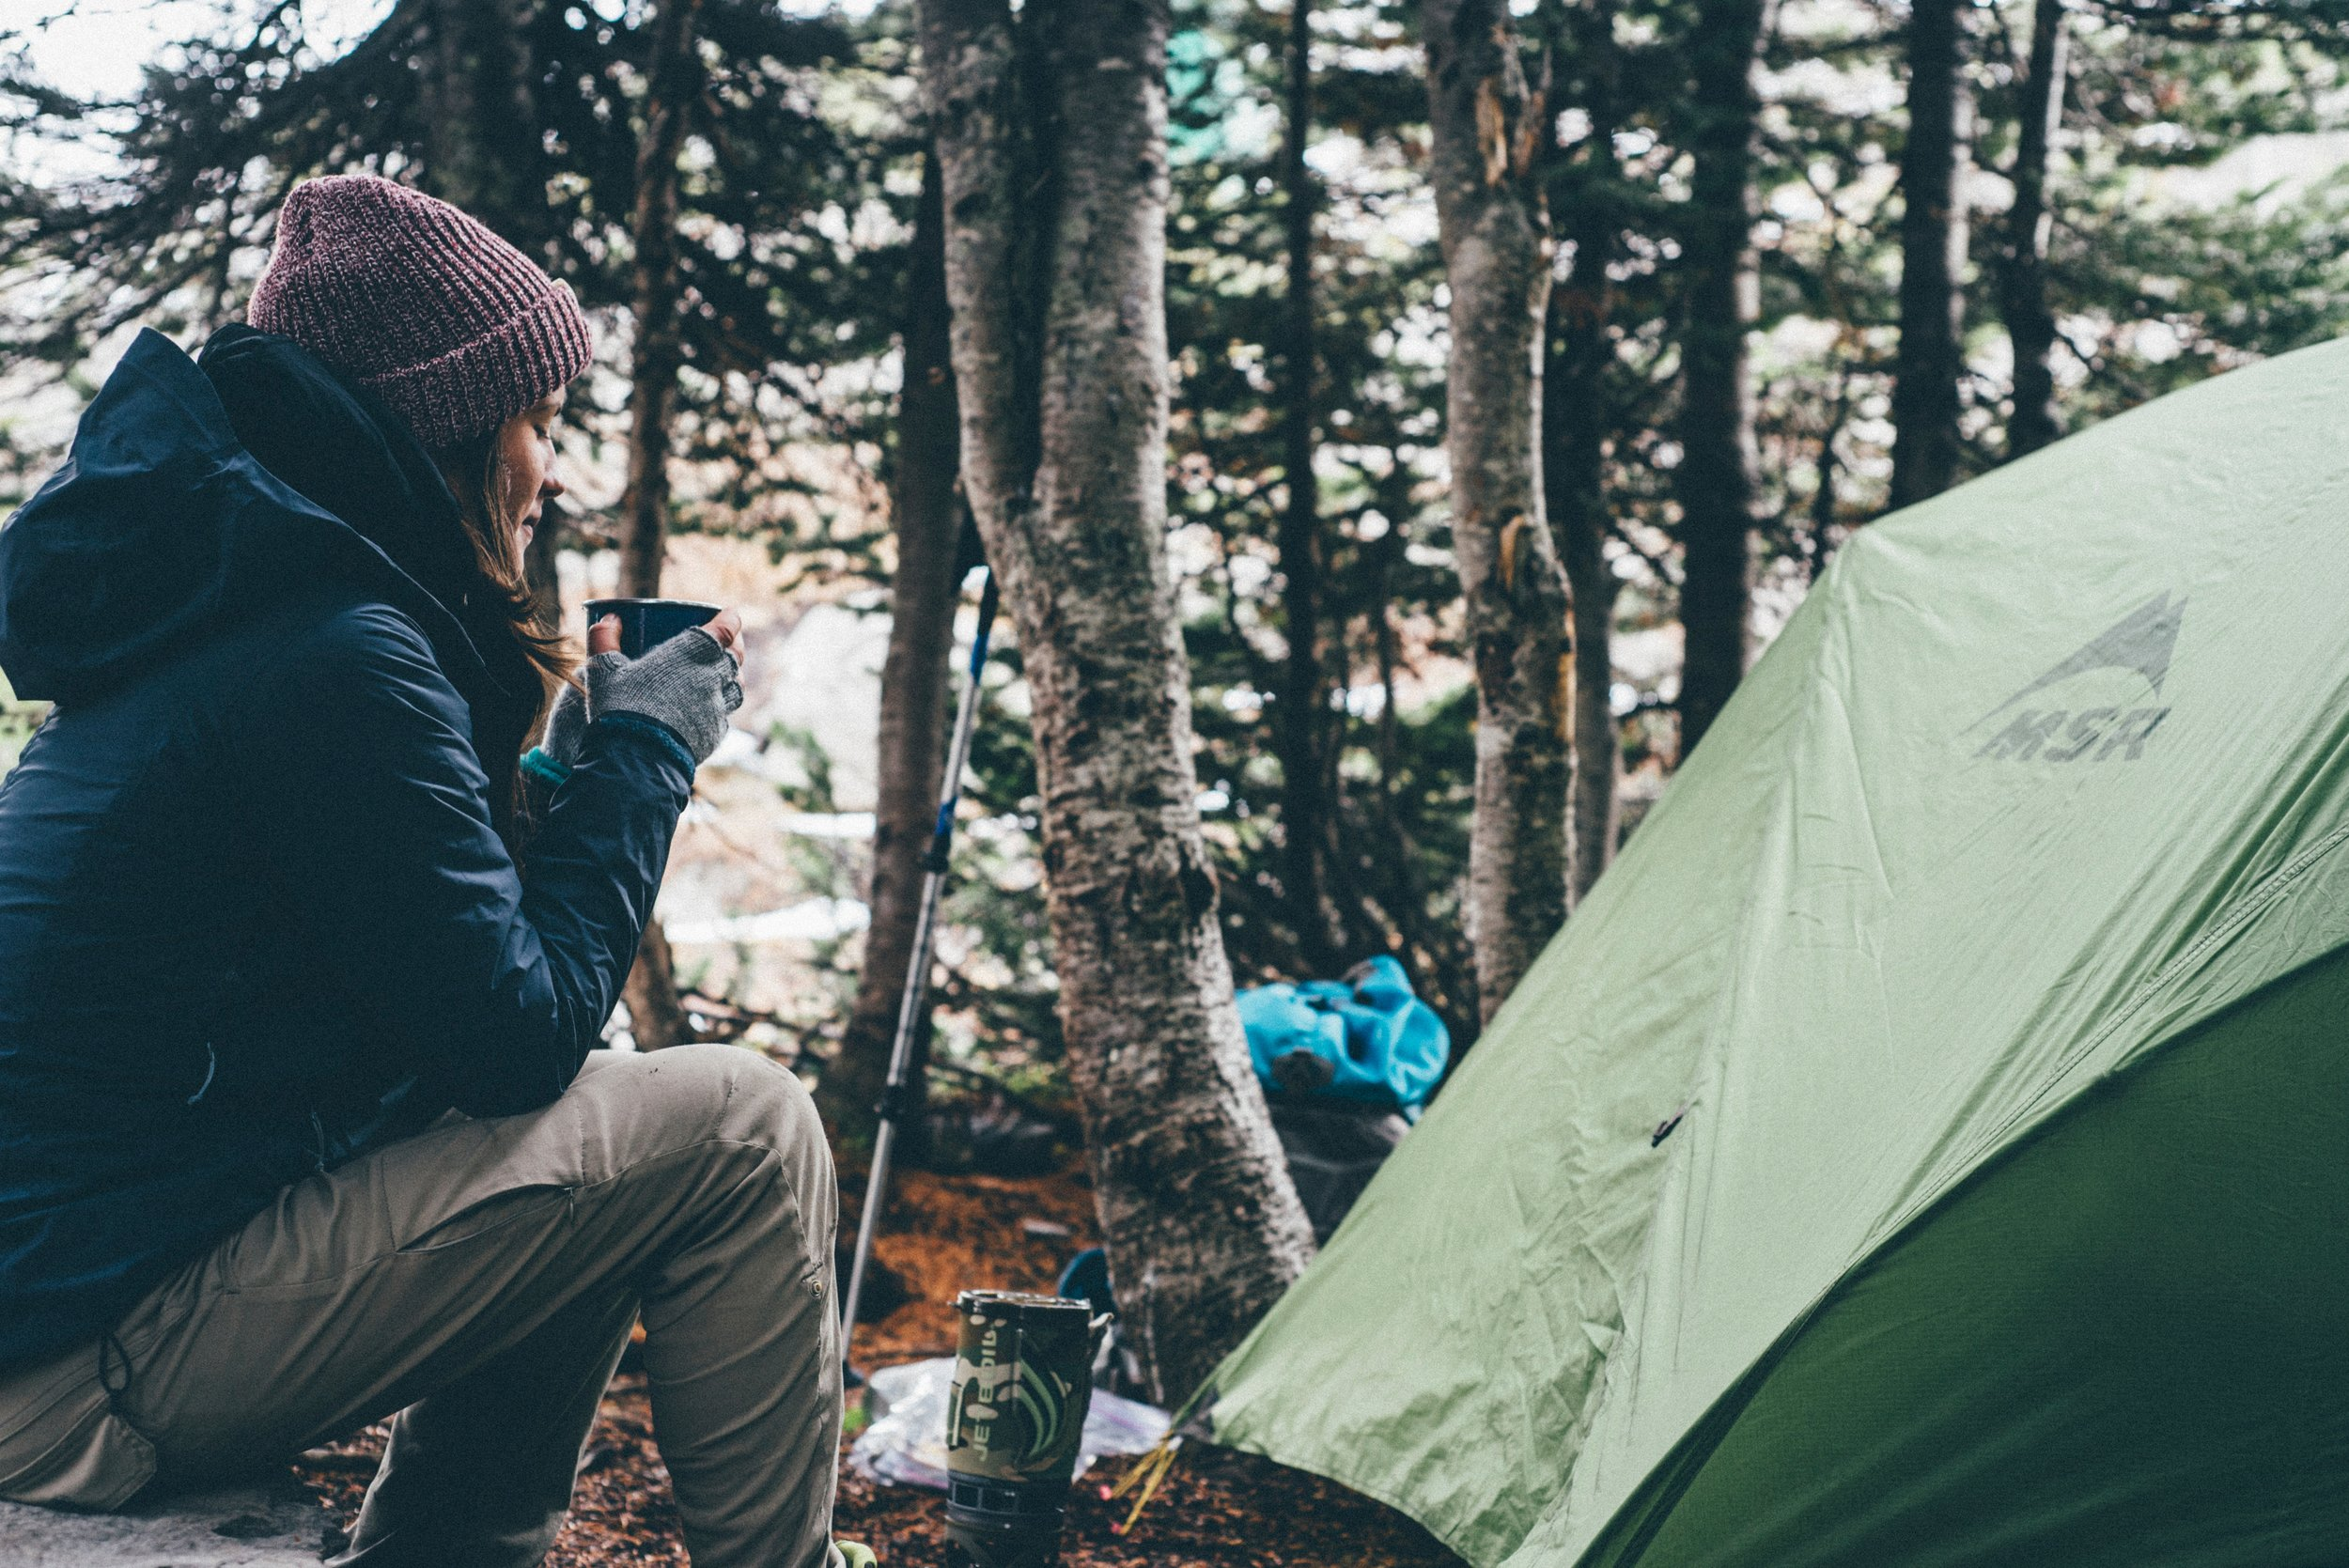 Zelten in den Bergen